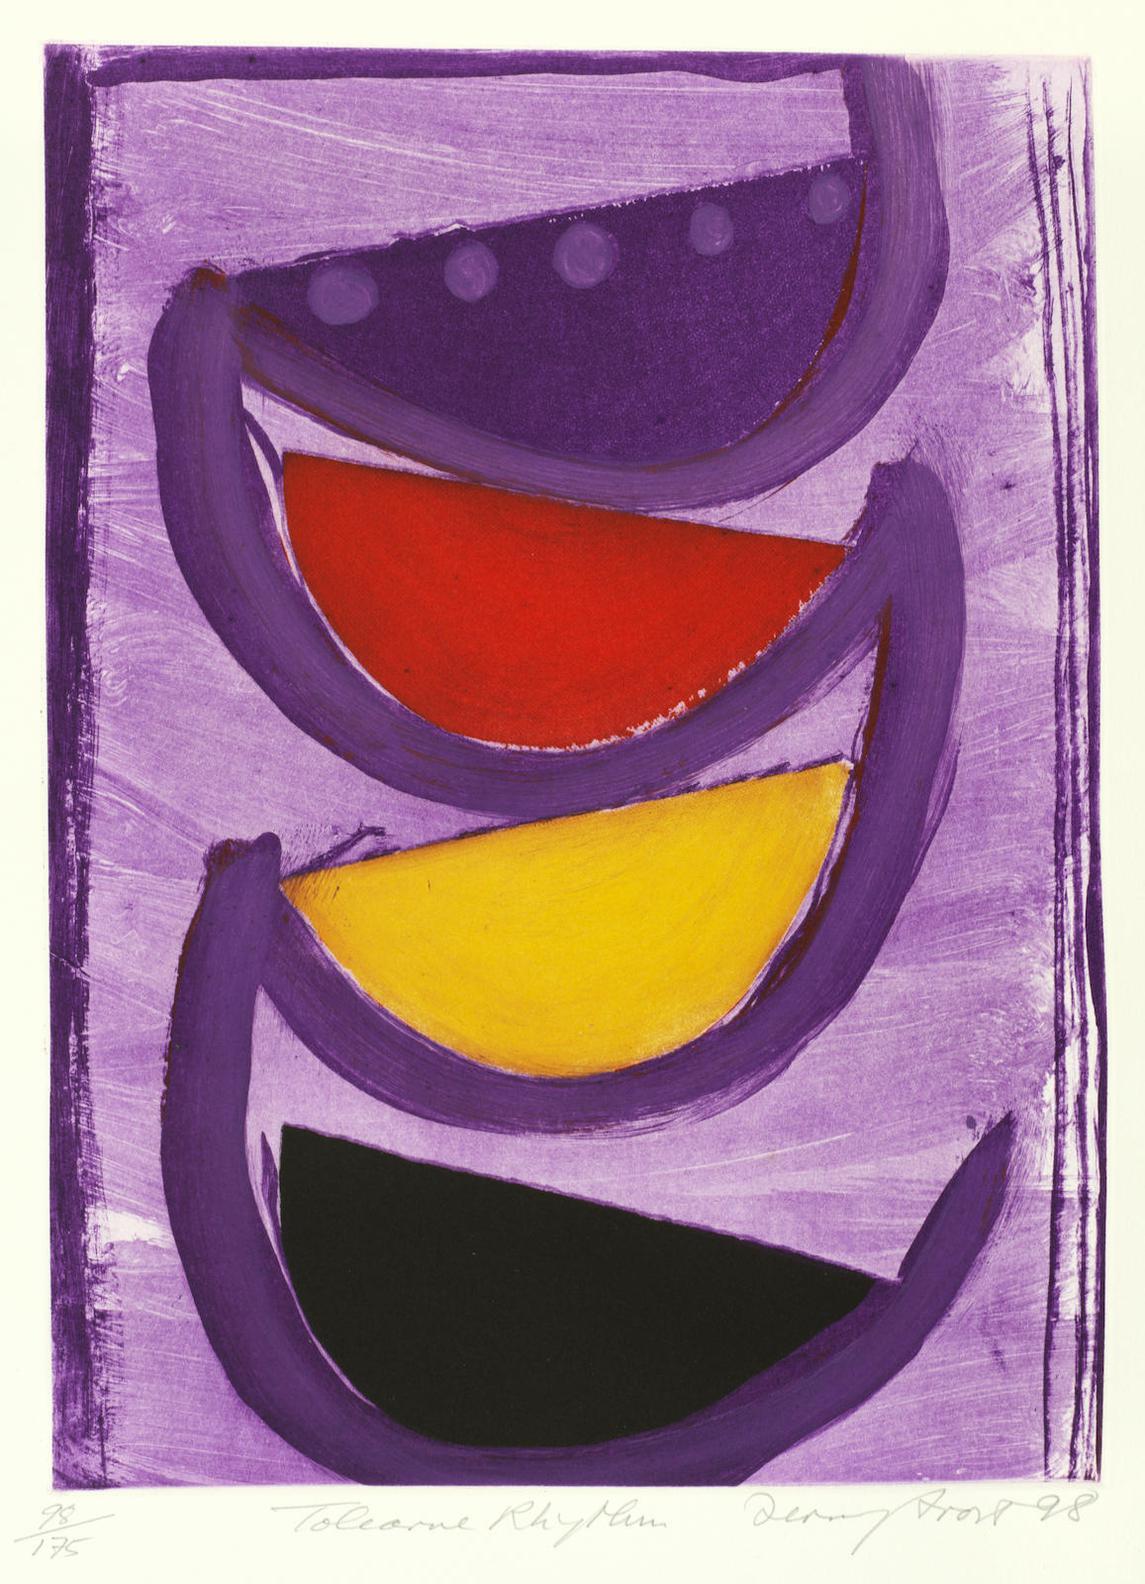 Sir Terry Frost - Tolcarne Rhythm (Kemp 184)-1998